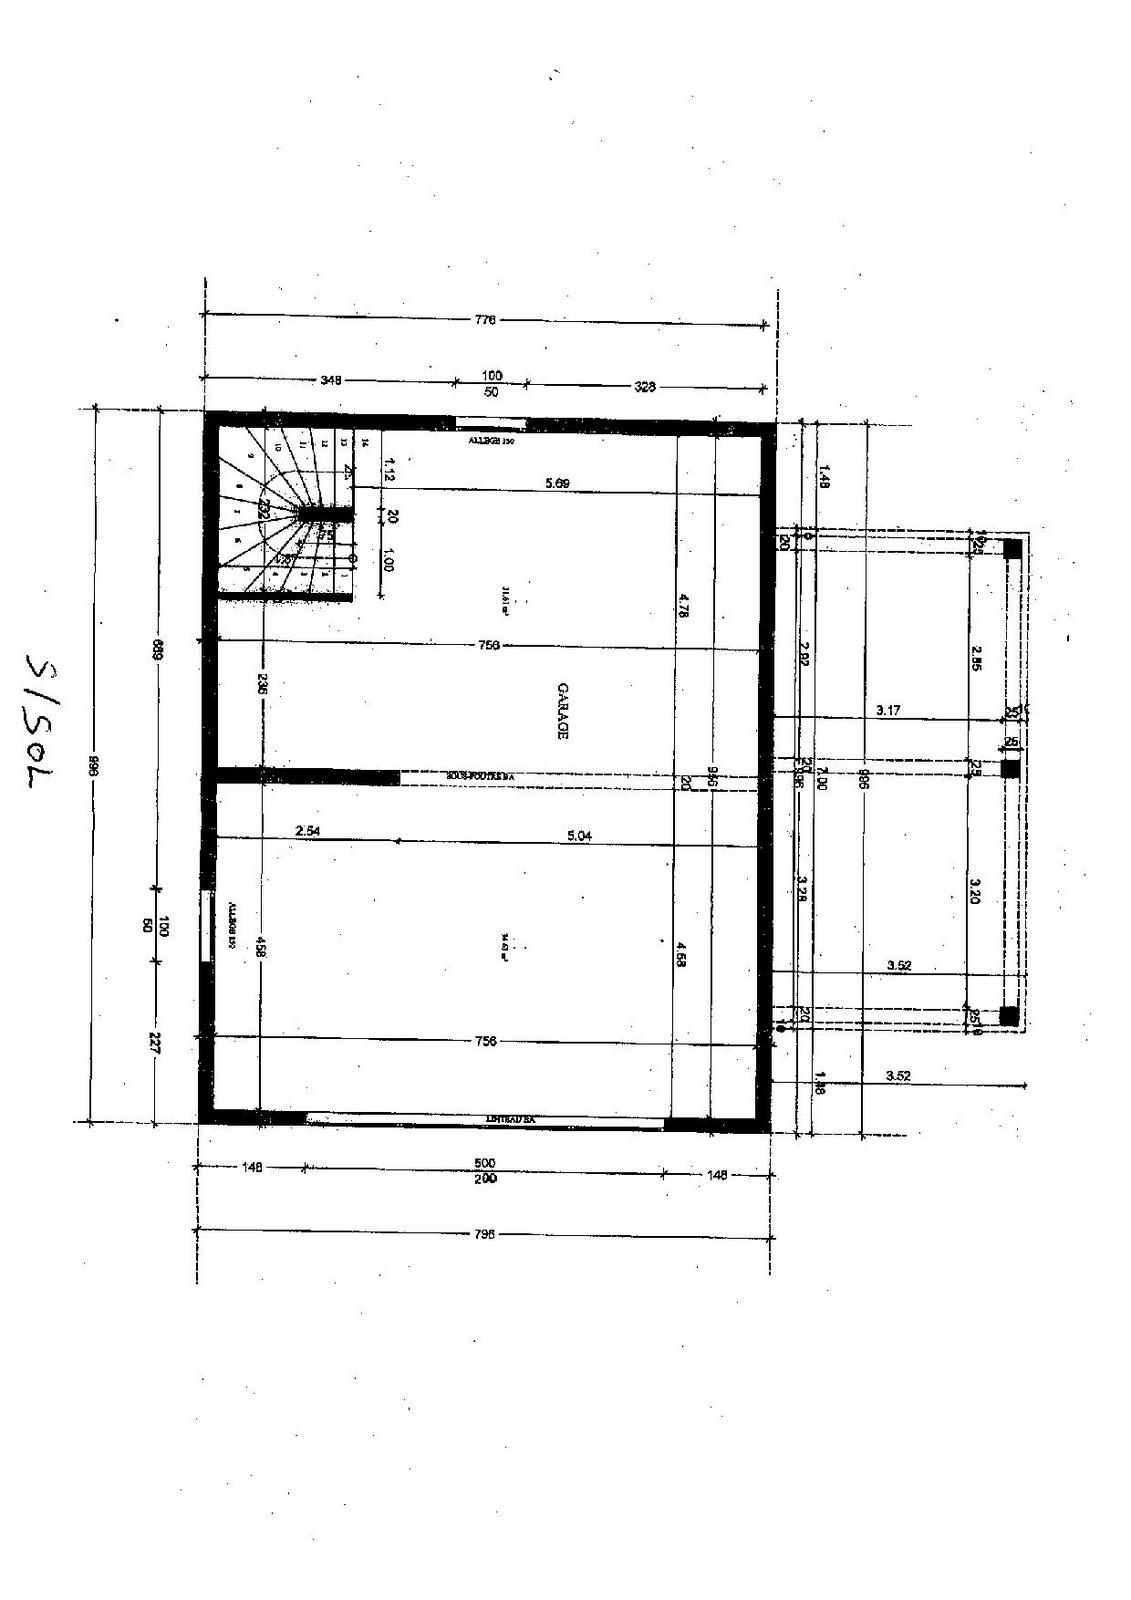 maison ossature bois alsace ernolsheim bruche pr s de molsheim plan de la maison. Black Bedroom Furniture Sets. Home Design Ideas